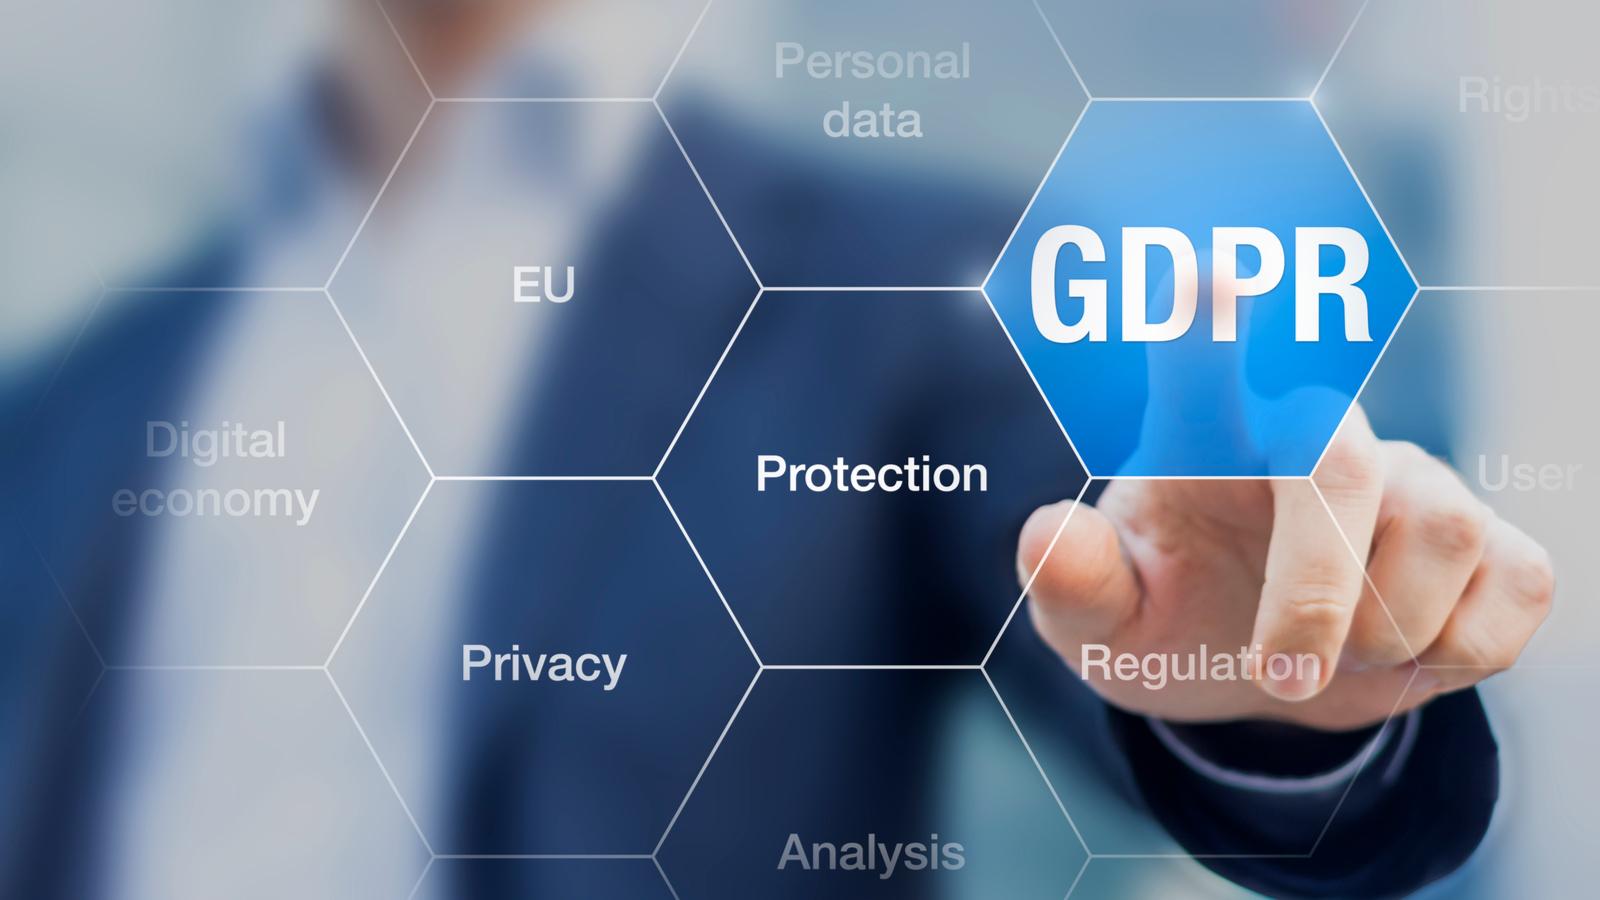 GDPR: come valutare l'adozione in azienda di nuove tecnologie